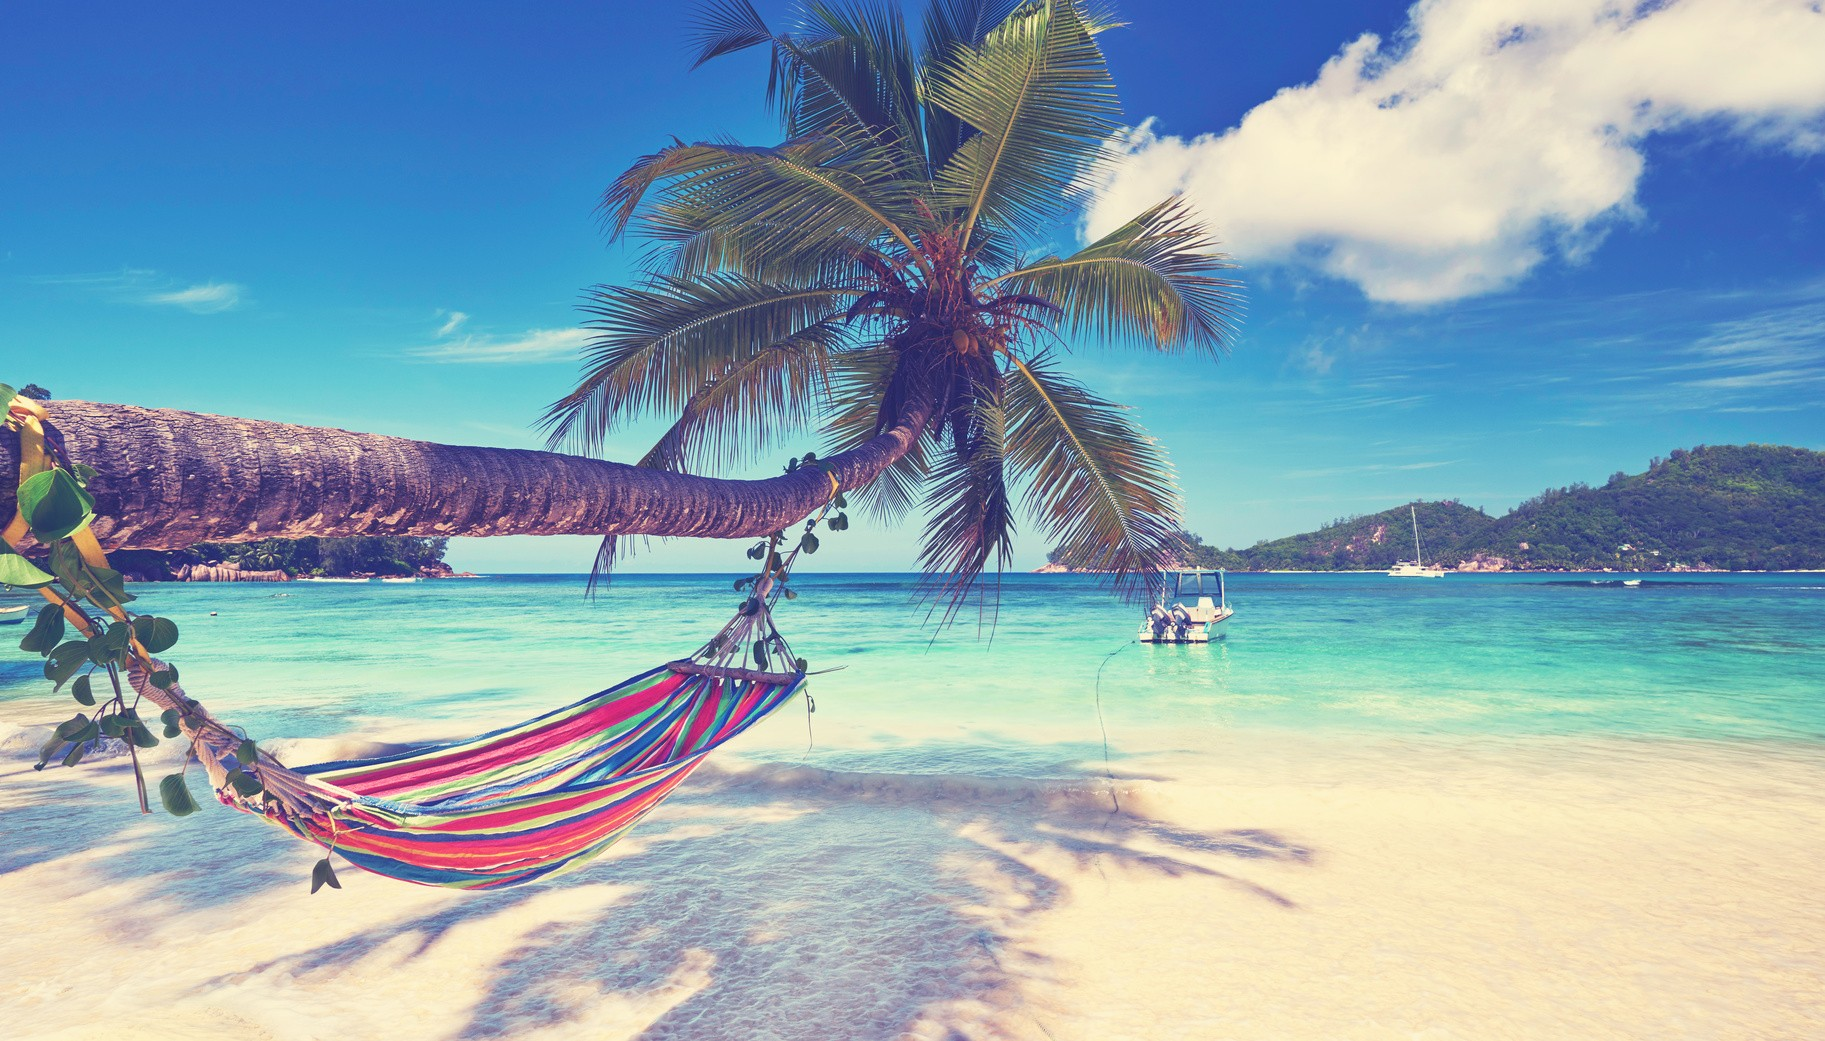 Urlaub ist die schönste Zeit des Jahres